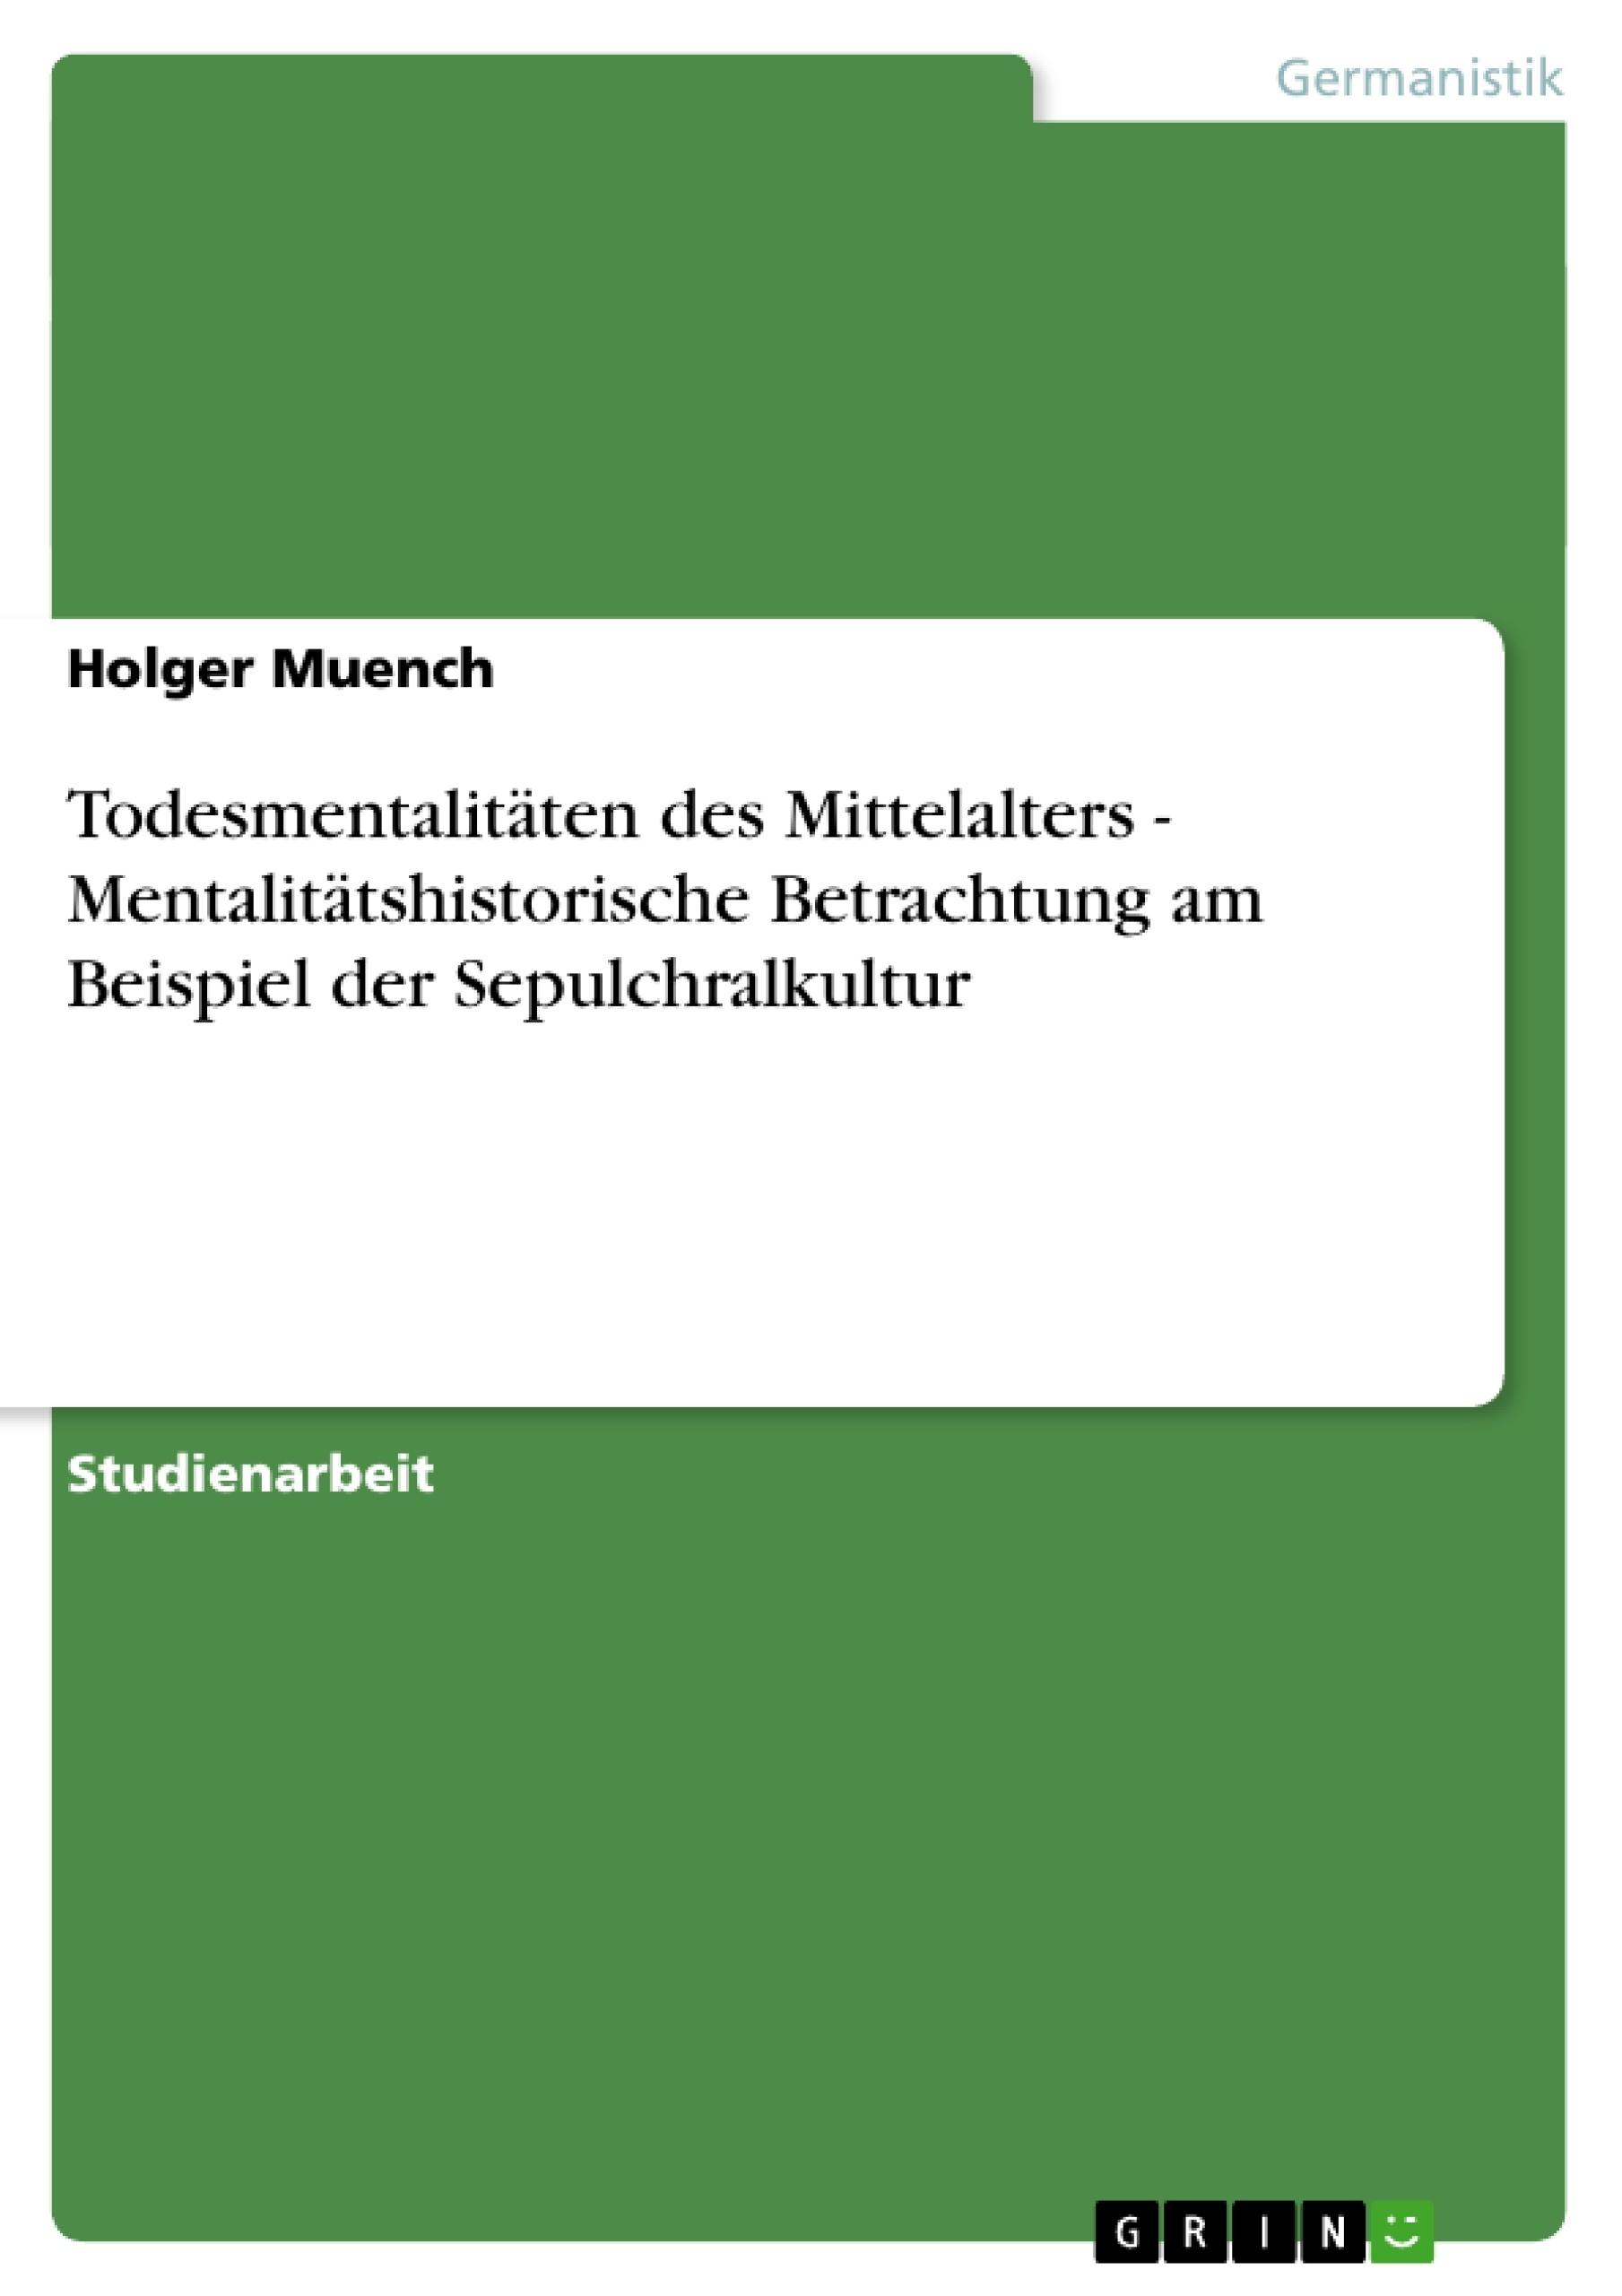 Titel: Todesmentalitäten des Mittelalters - Mentalitätshistorische Betrachtung am Beispiel der Sepulchralkultur